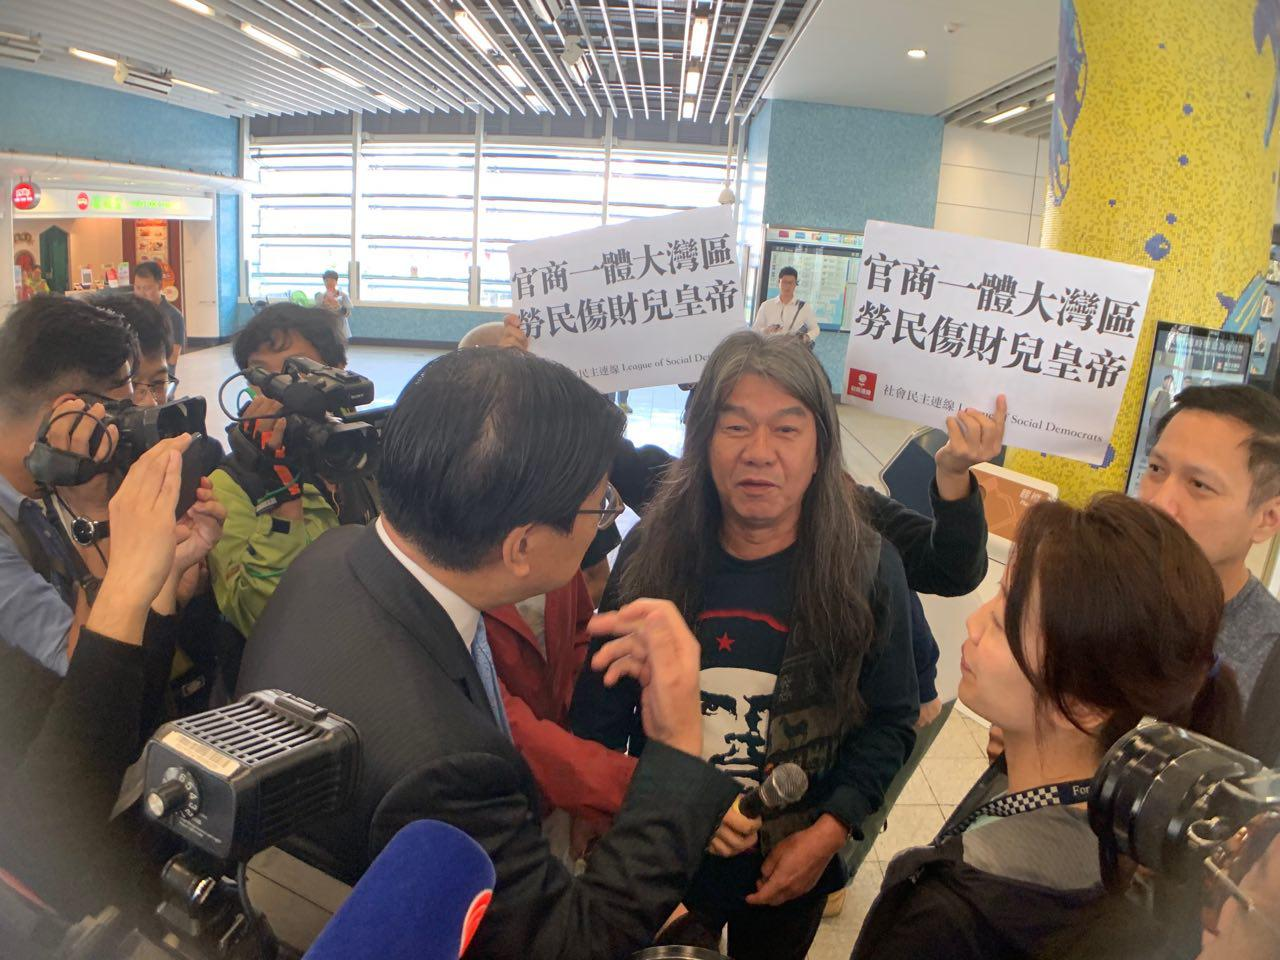 社民連成員包圍到場出席宣講會的港鐵董事局非執行主席馬時亨。(李逸/大紀元)